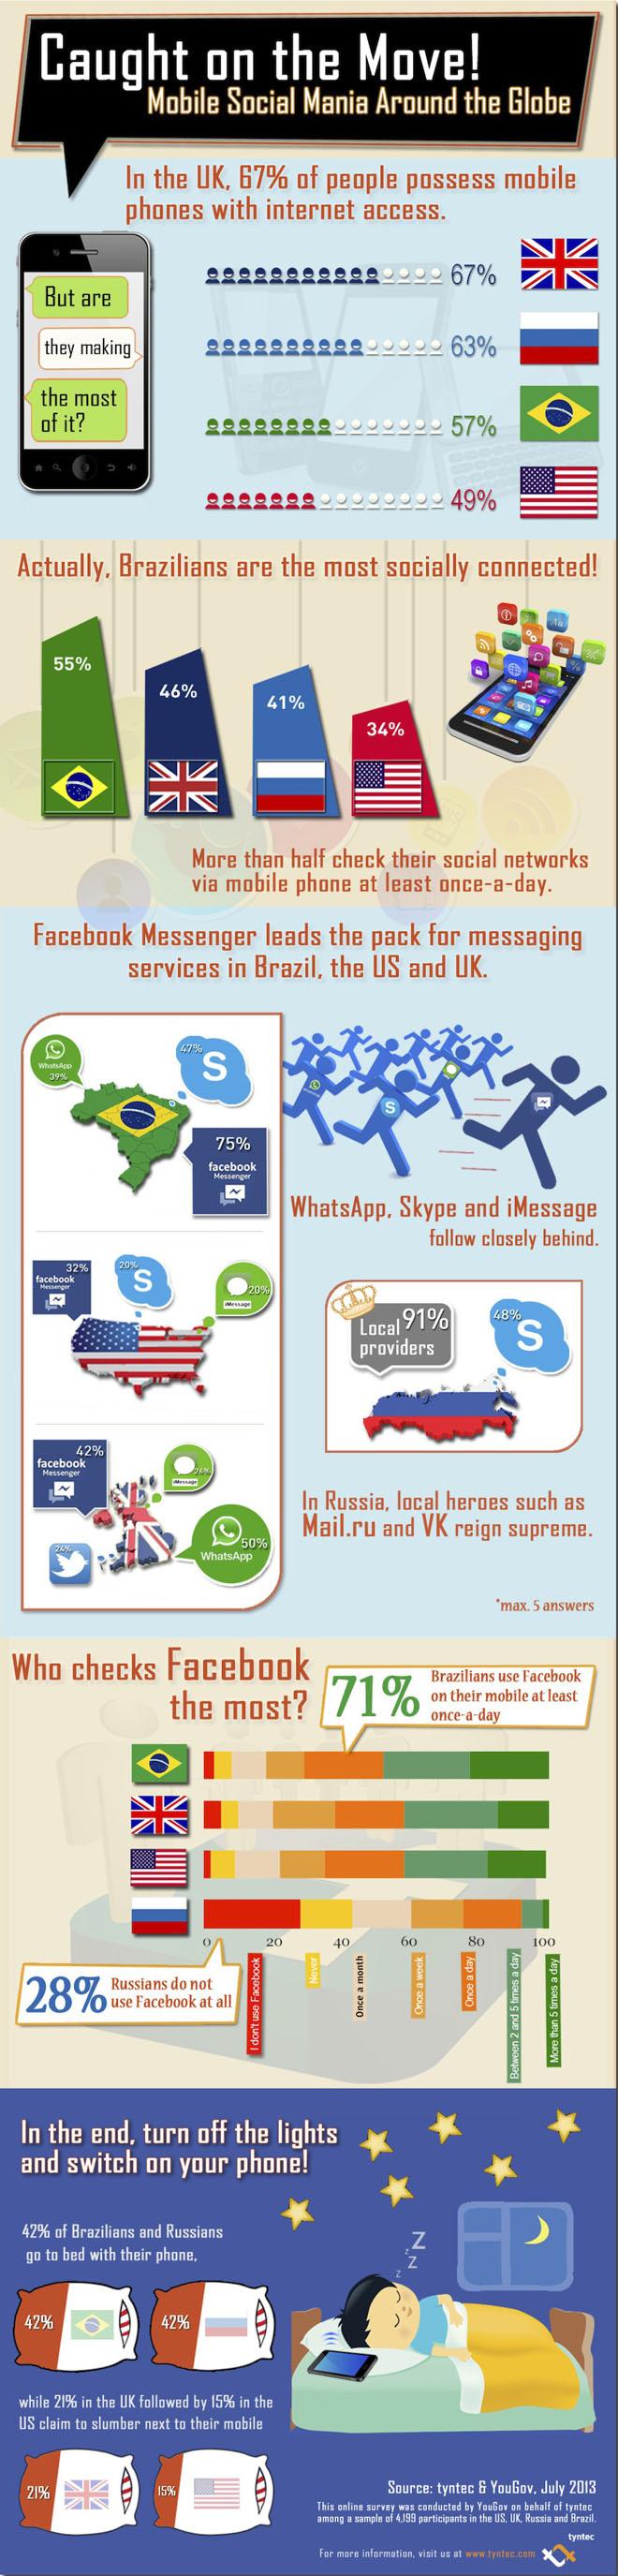 Mobile Social Mania